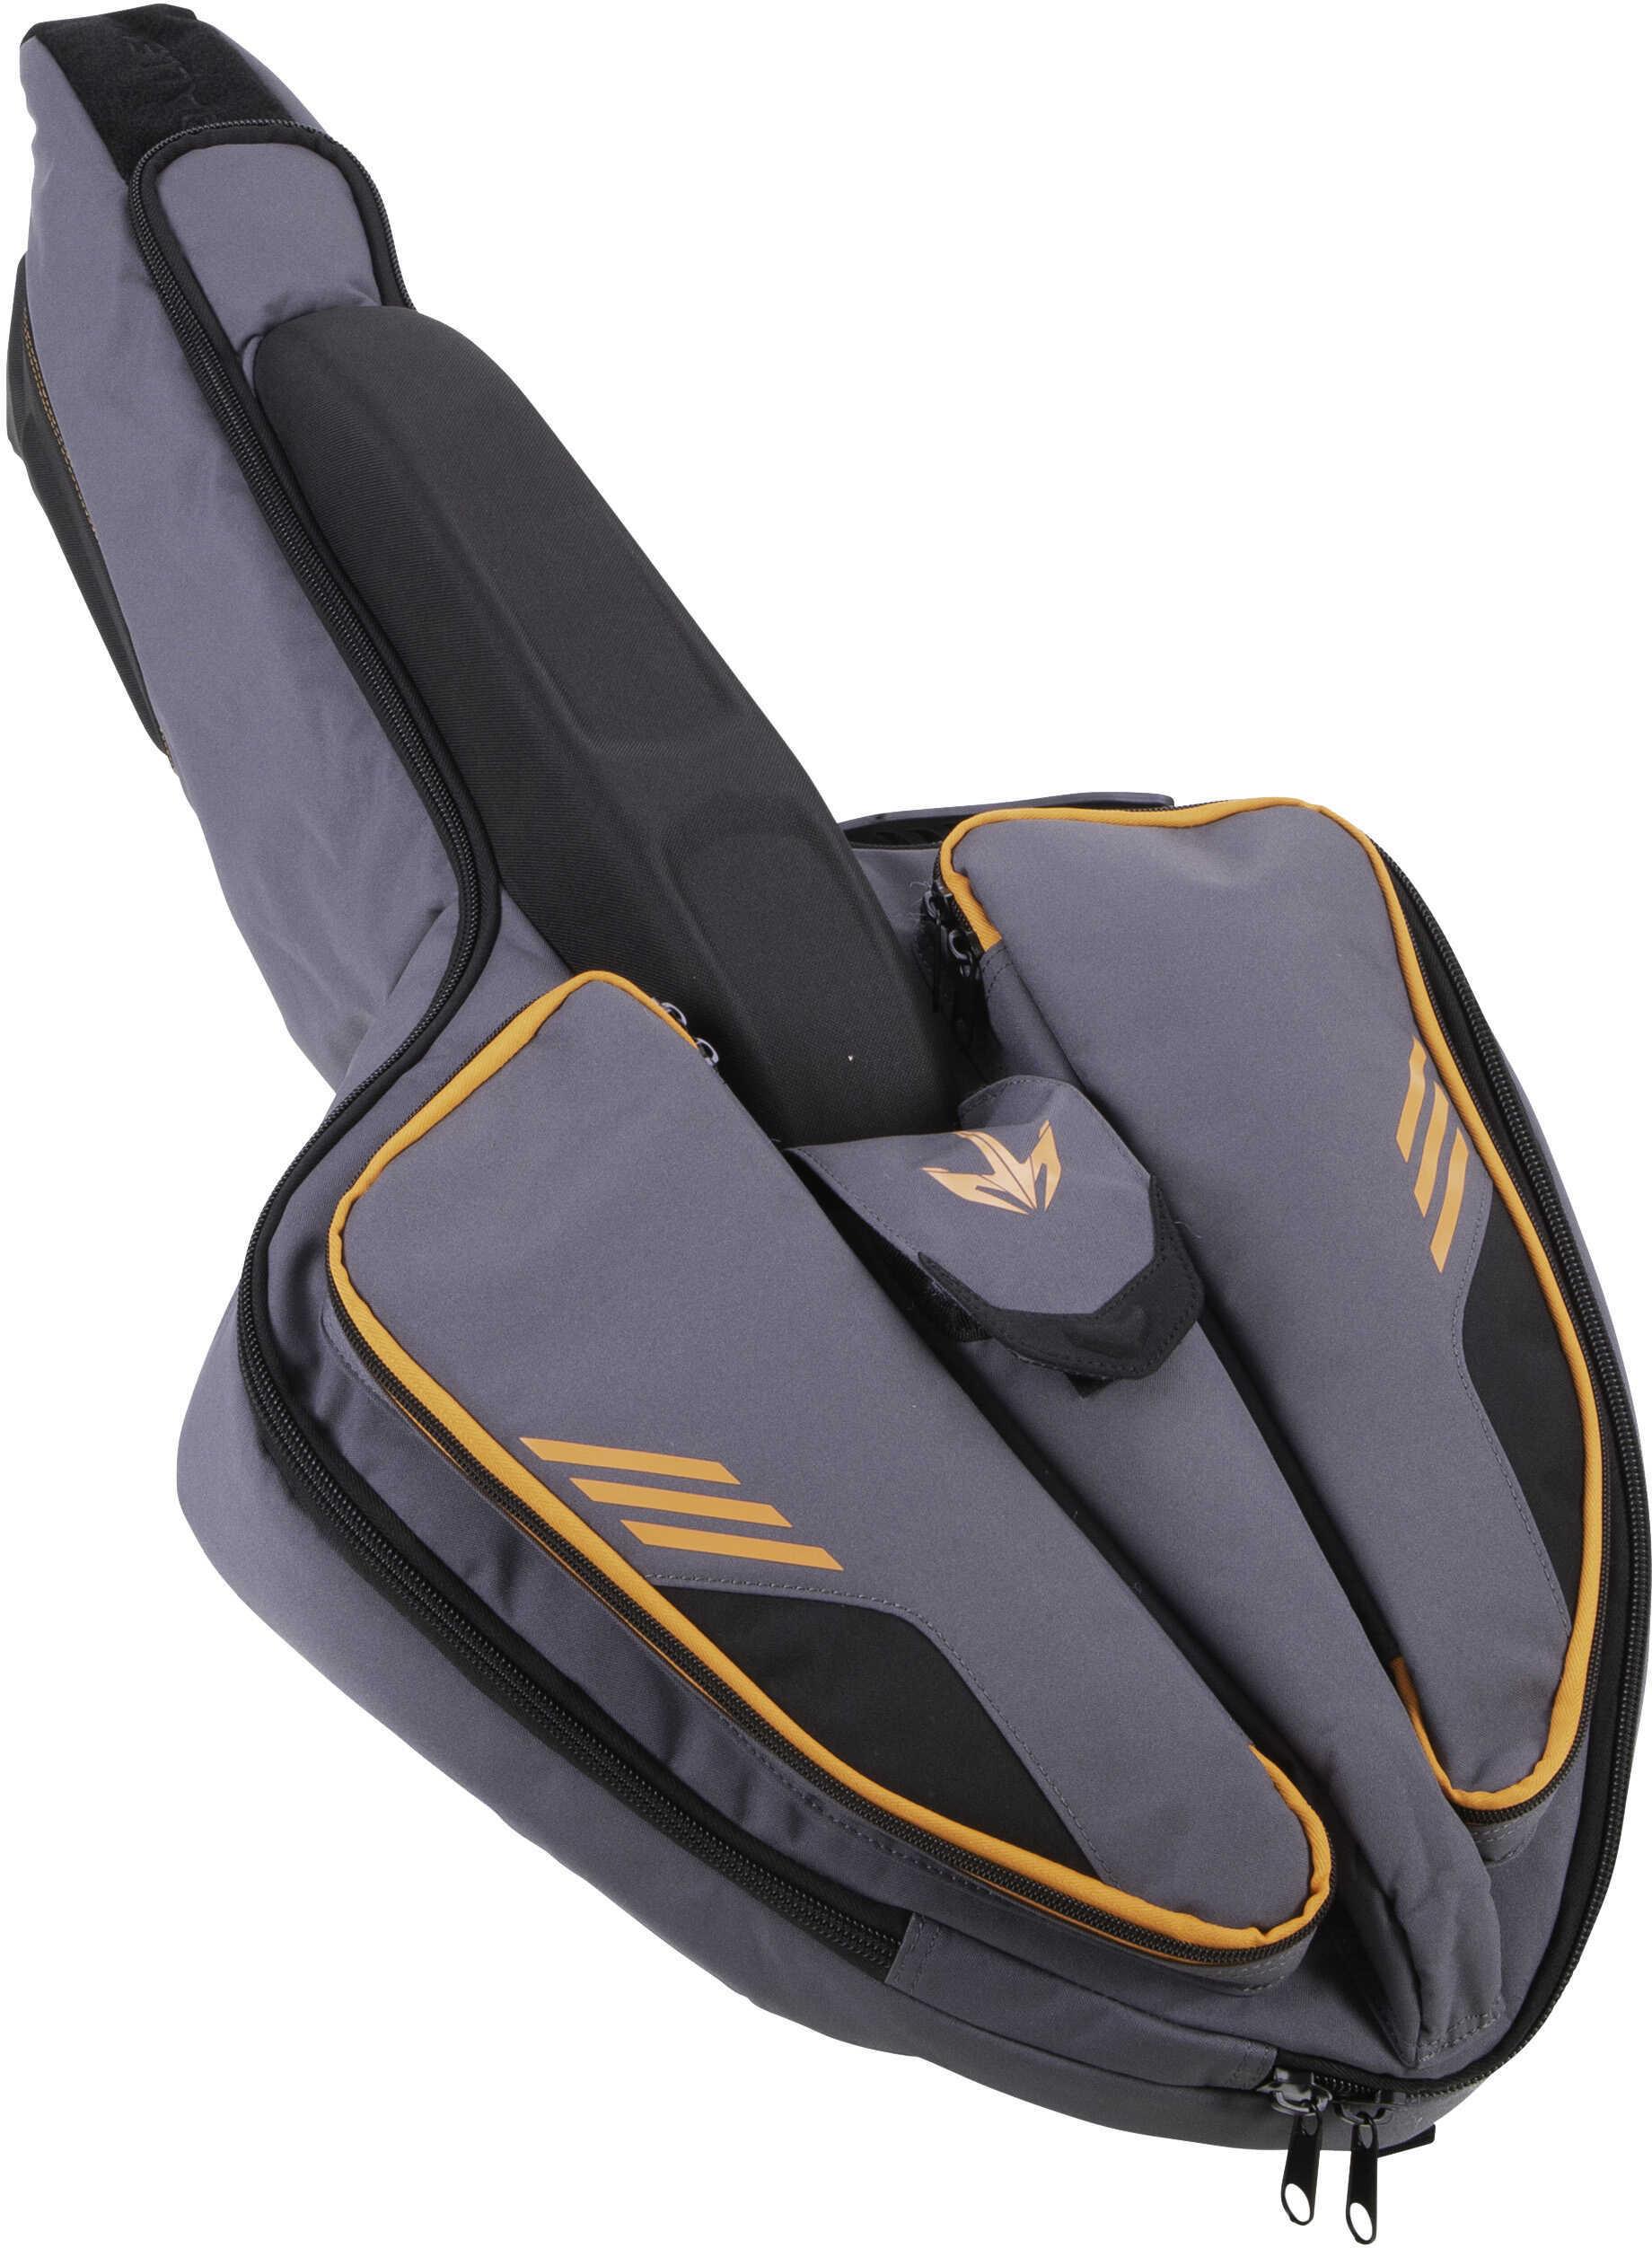 Allen Cases Hornet N1 Edge Crossbow Case (Gray/Orange)